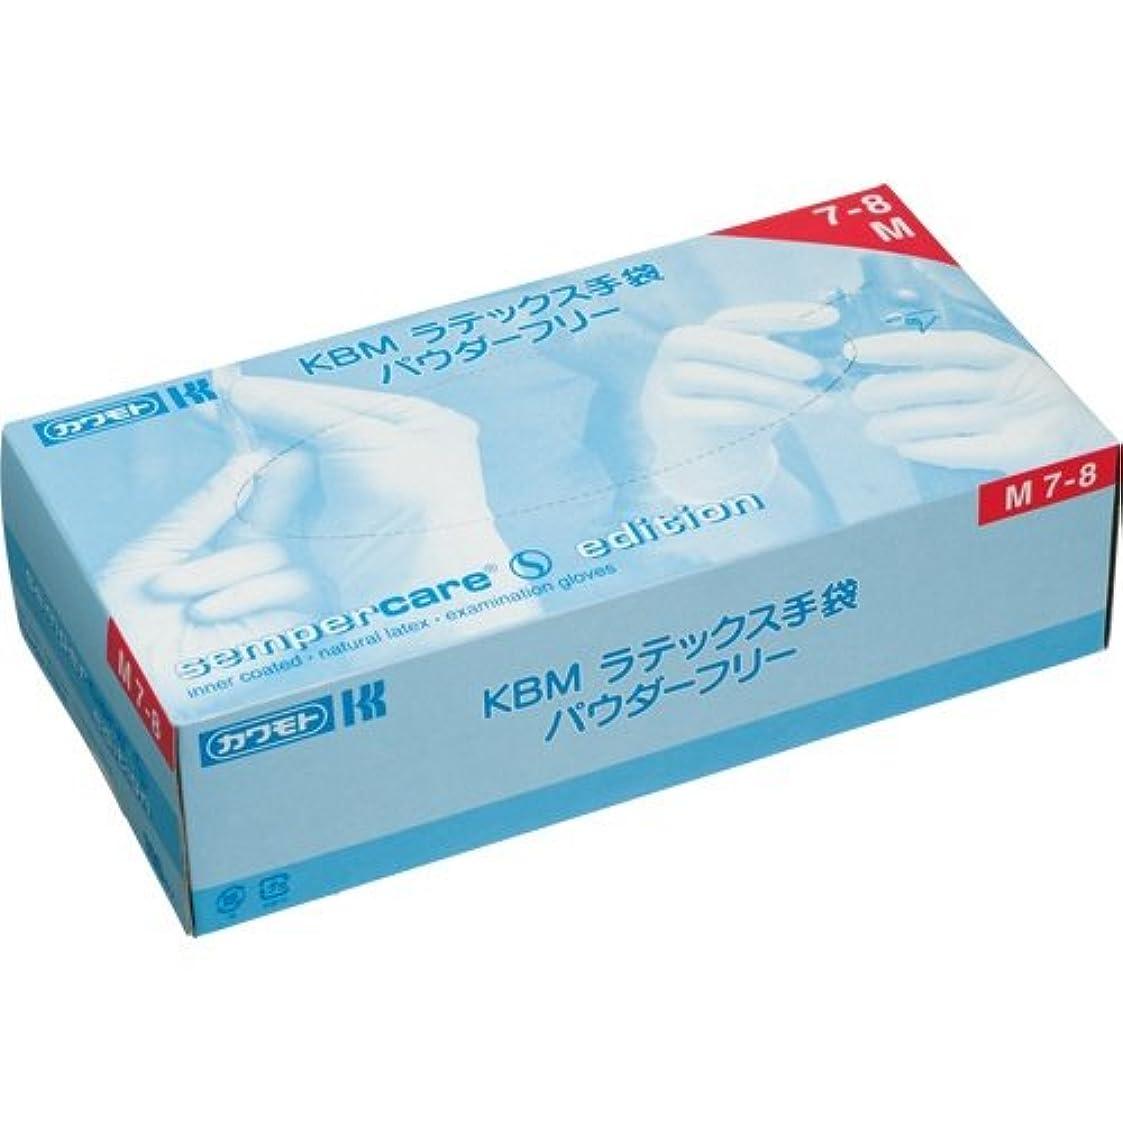 黒板テナント意志カワモト KBM ラテックス手袋 パウダーフリー M 1セット(300枚:100枚×3箱)